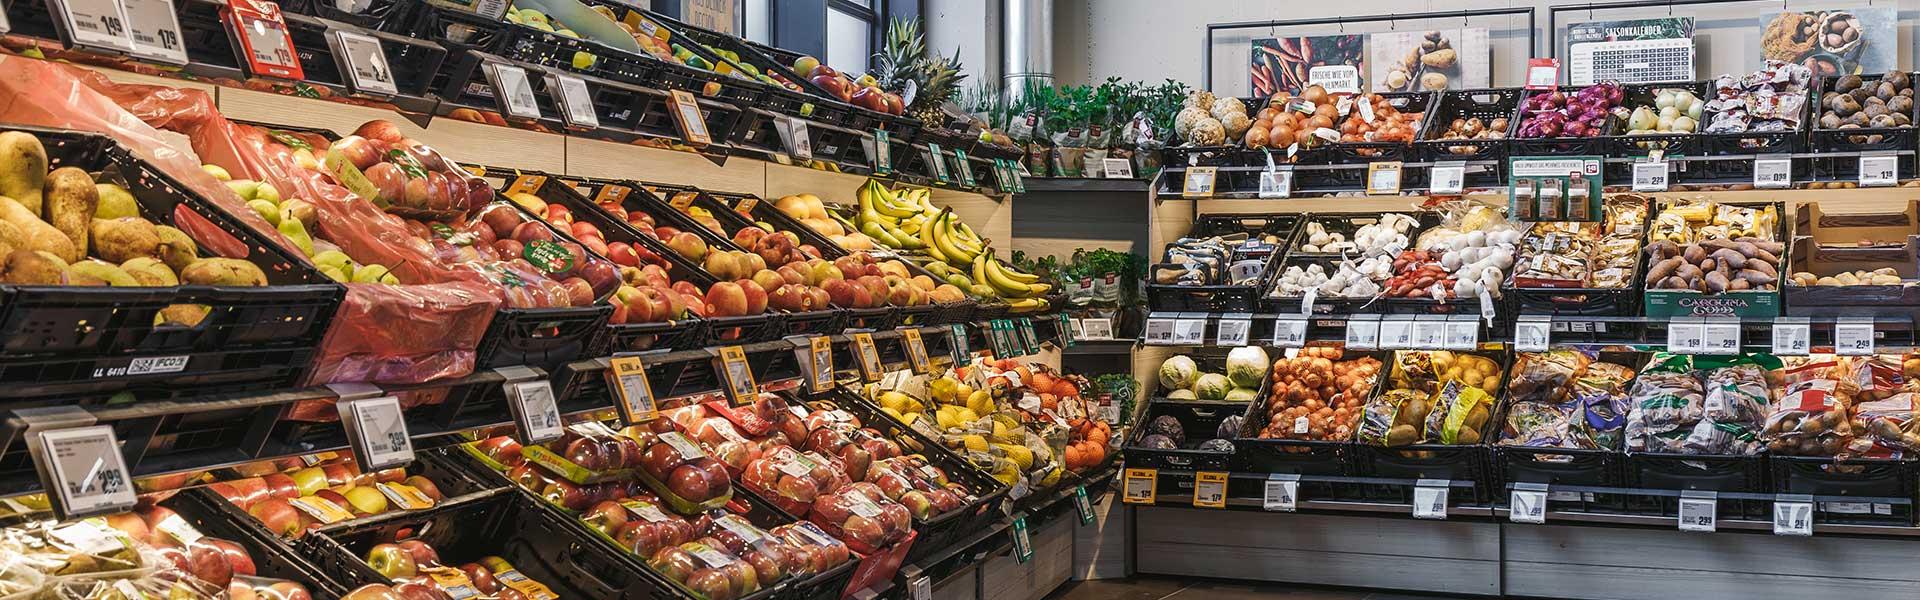 REWE Roth in Stuttgart mit seiner Gemüseabteilung